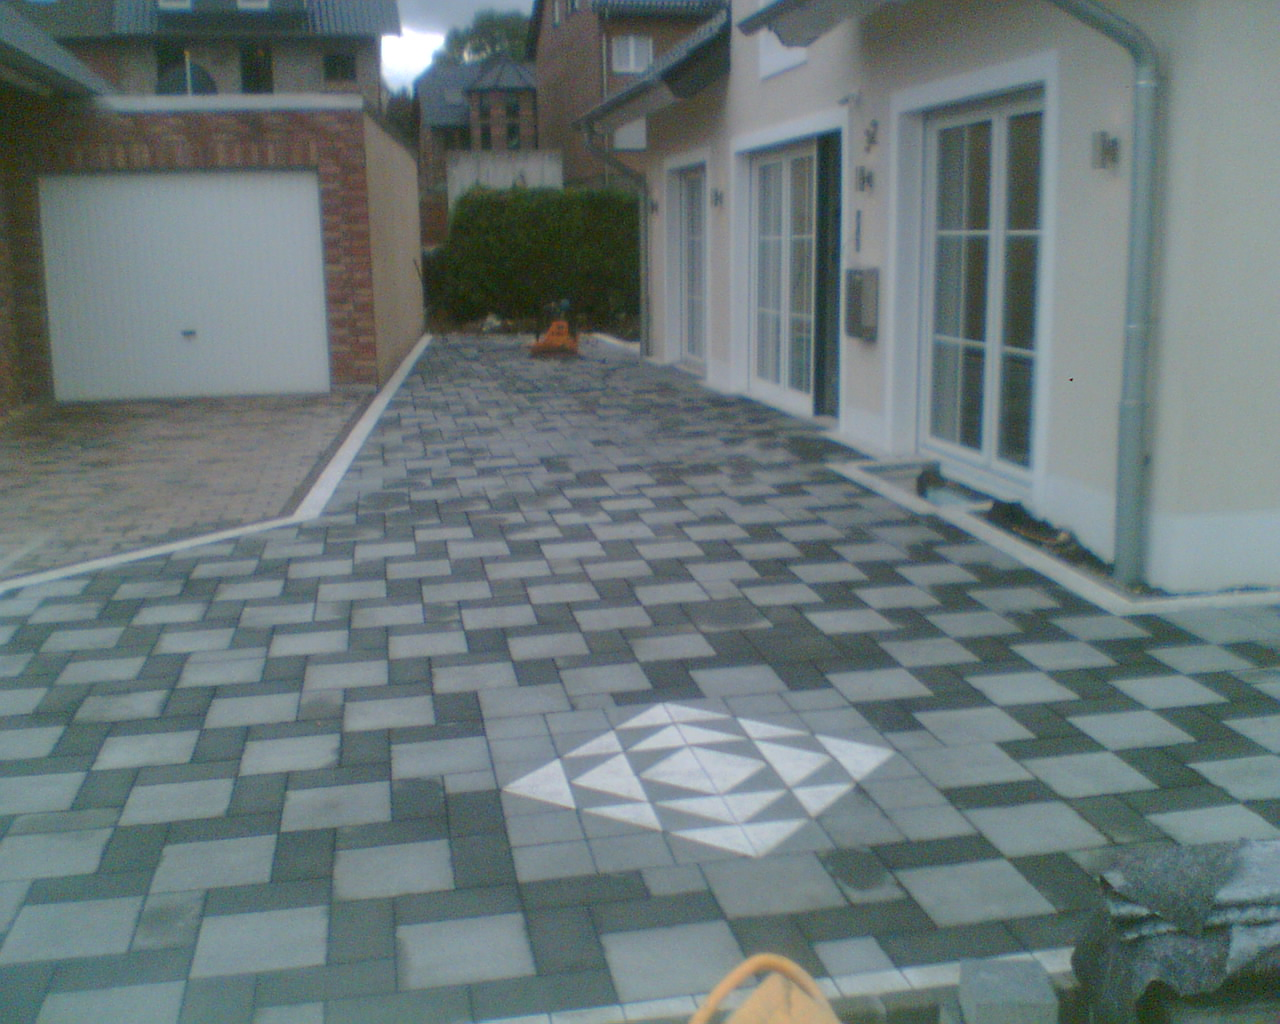 terrasse pflastersteine muster - Pflastersteine Muster Bilder